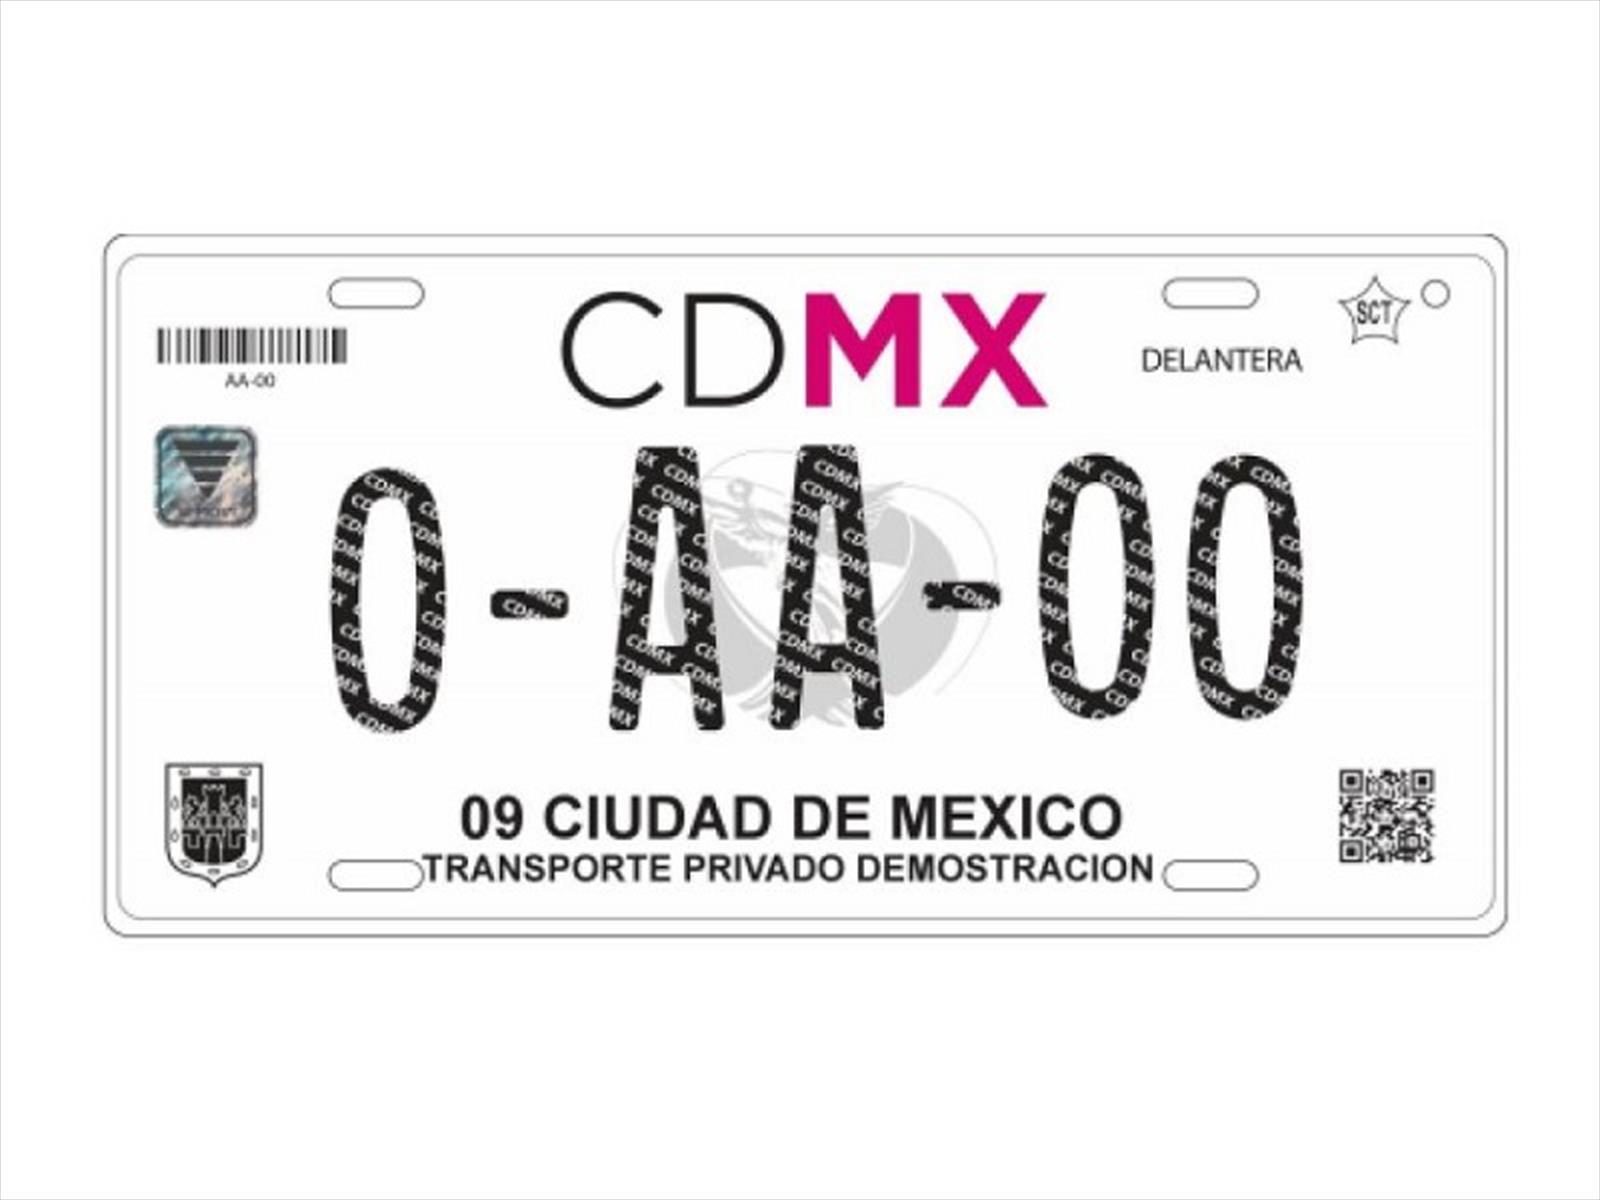 Así son las nuevas placas de la CDMX - Autocosmos.com